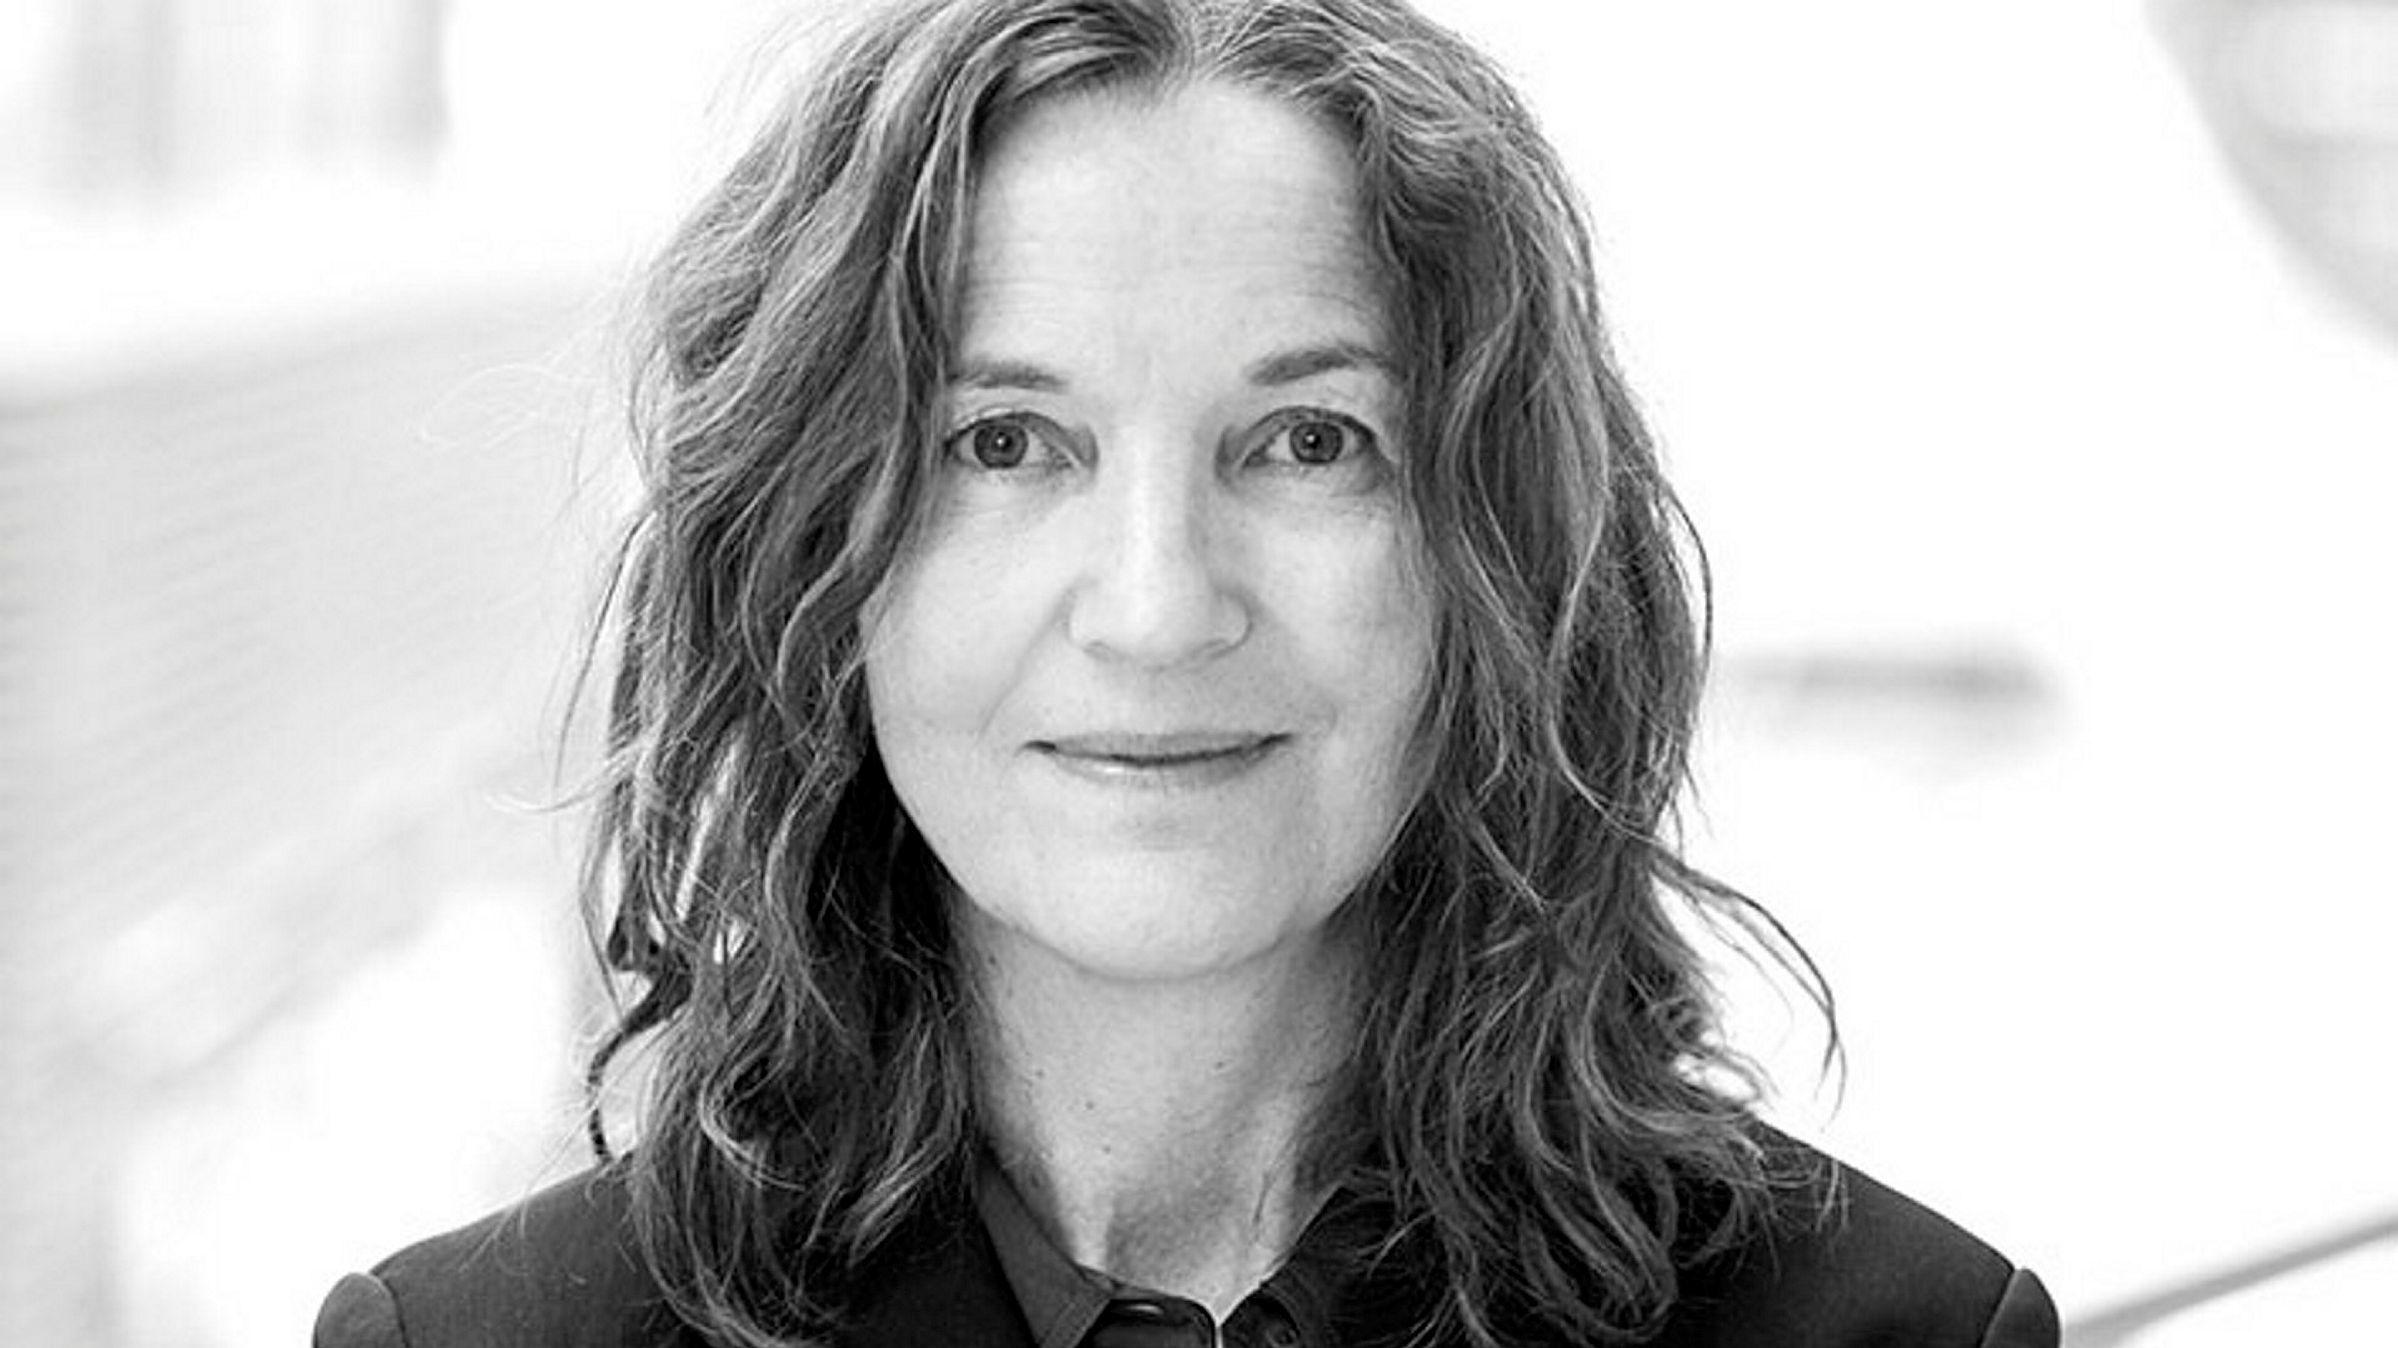 Kunstnerne har, slik jeg ser det, grunn til å være opprørte og kreve bestemmelsen i åndsverklovens § 71, annet ledd fjernet, skriver Irina Eidsvold-Tøien, førsteamanuensis ved Institutt for rettsvitenskap ved BI.